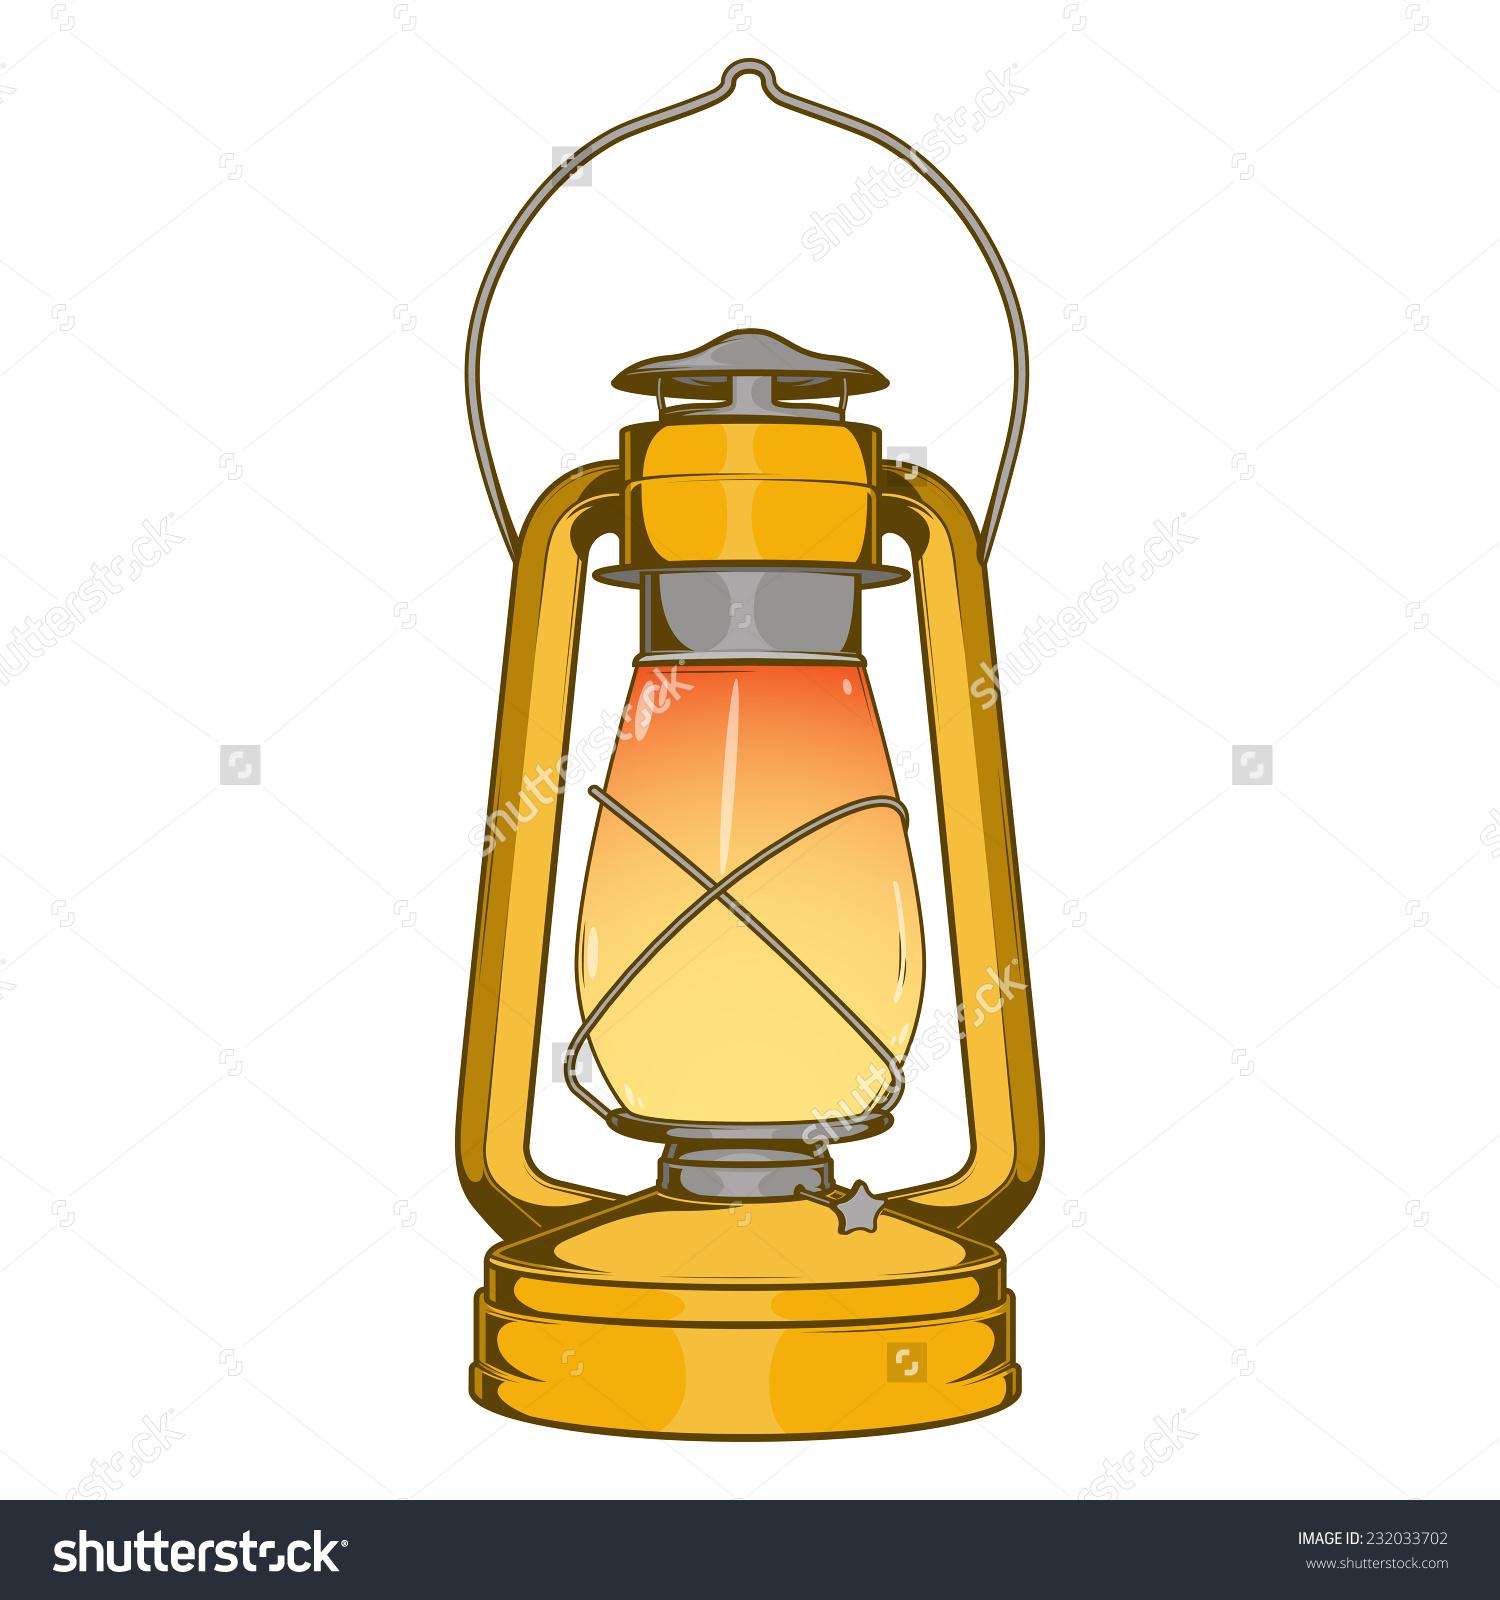 Antique Brass Old Kerosene Lamp Isolated Stock Vector 232033702.